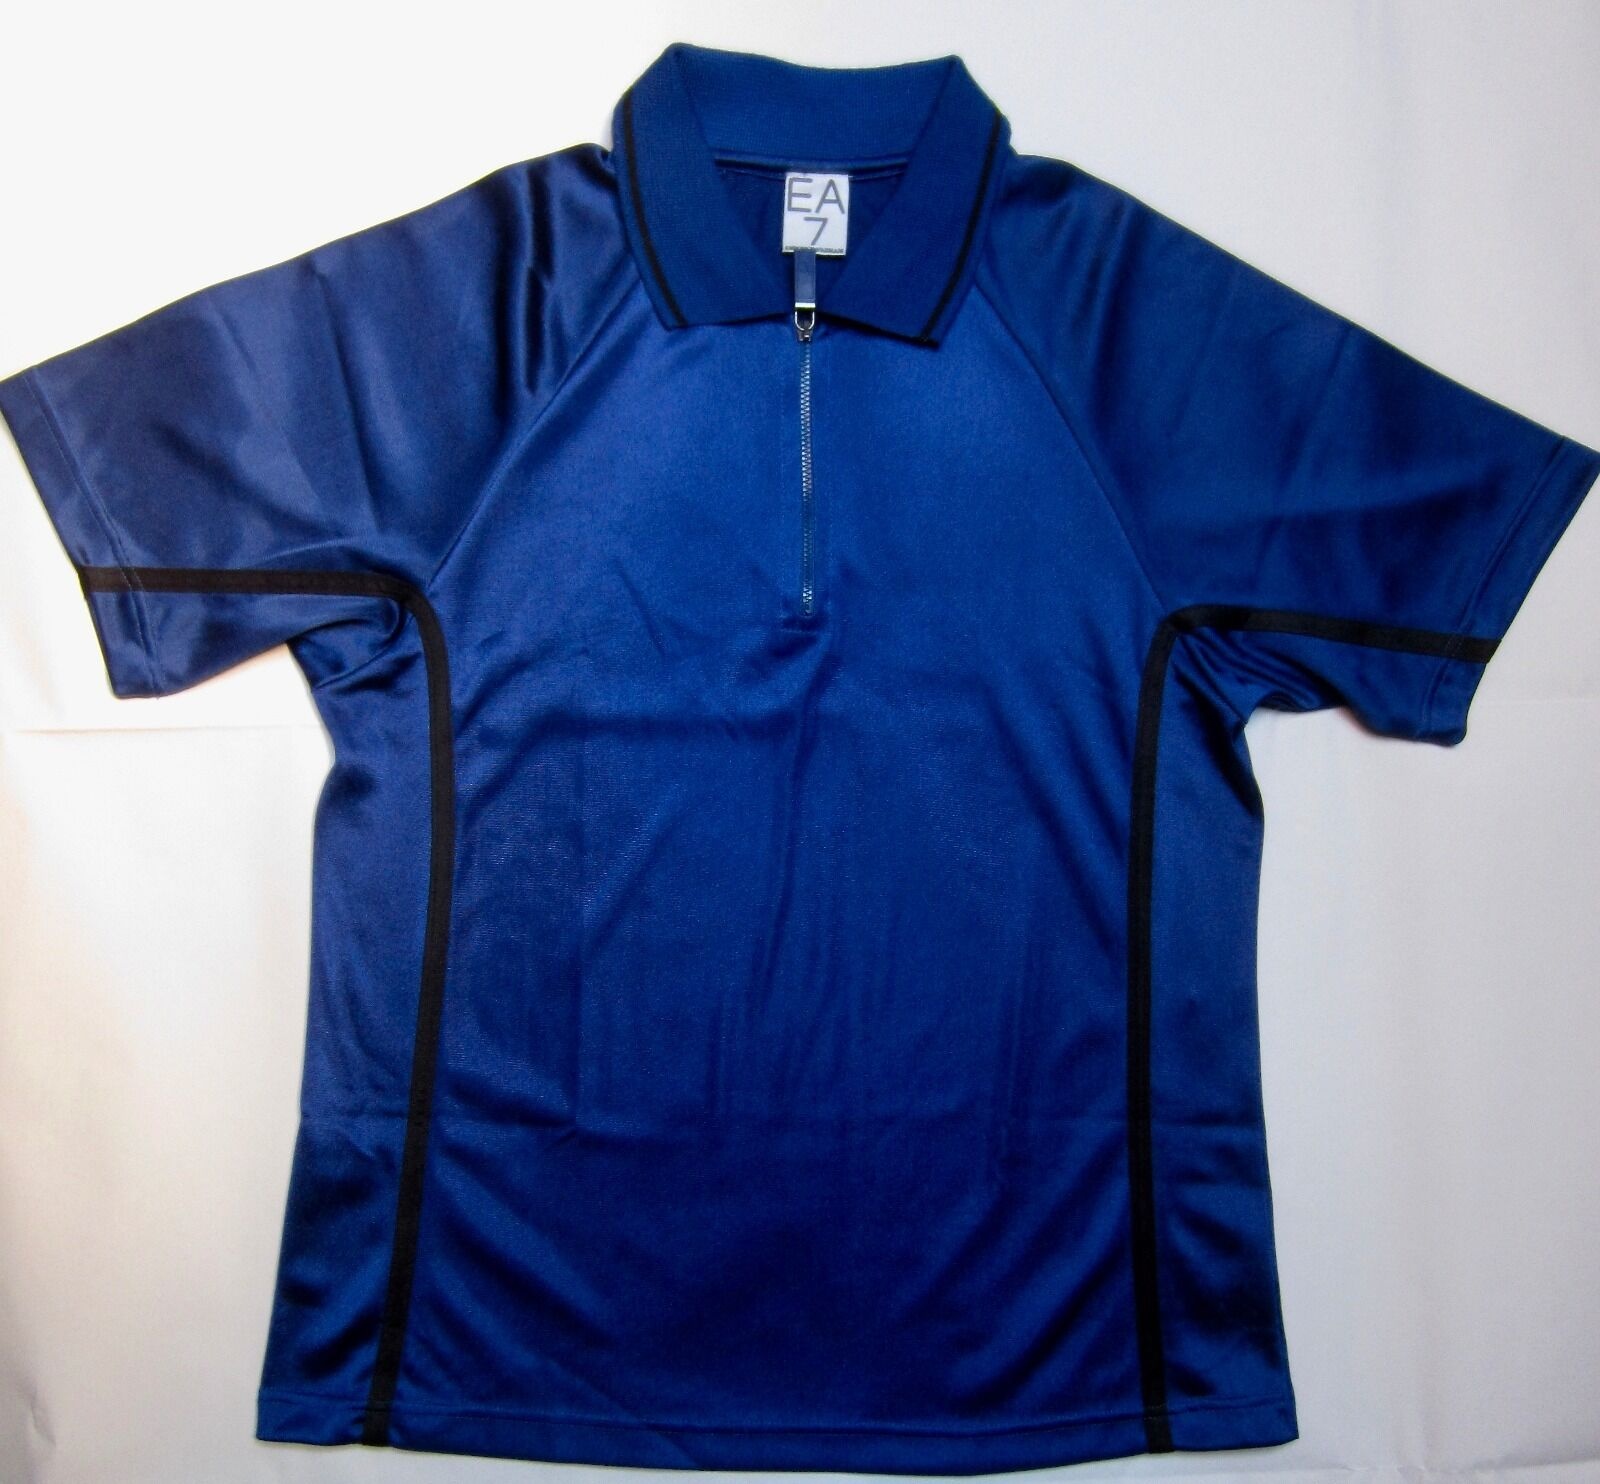 Polo EMPORIO ARMANI taglia M / EMPORIO ARMANI men shirt, Größe M, cobalt Blau